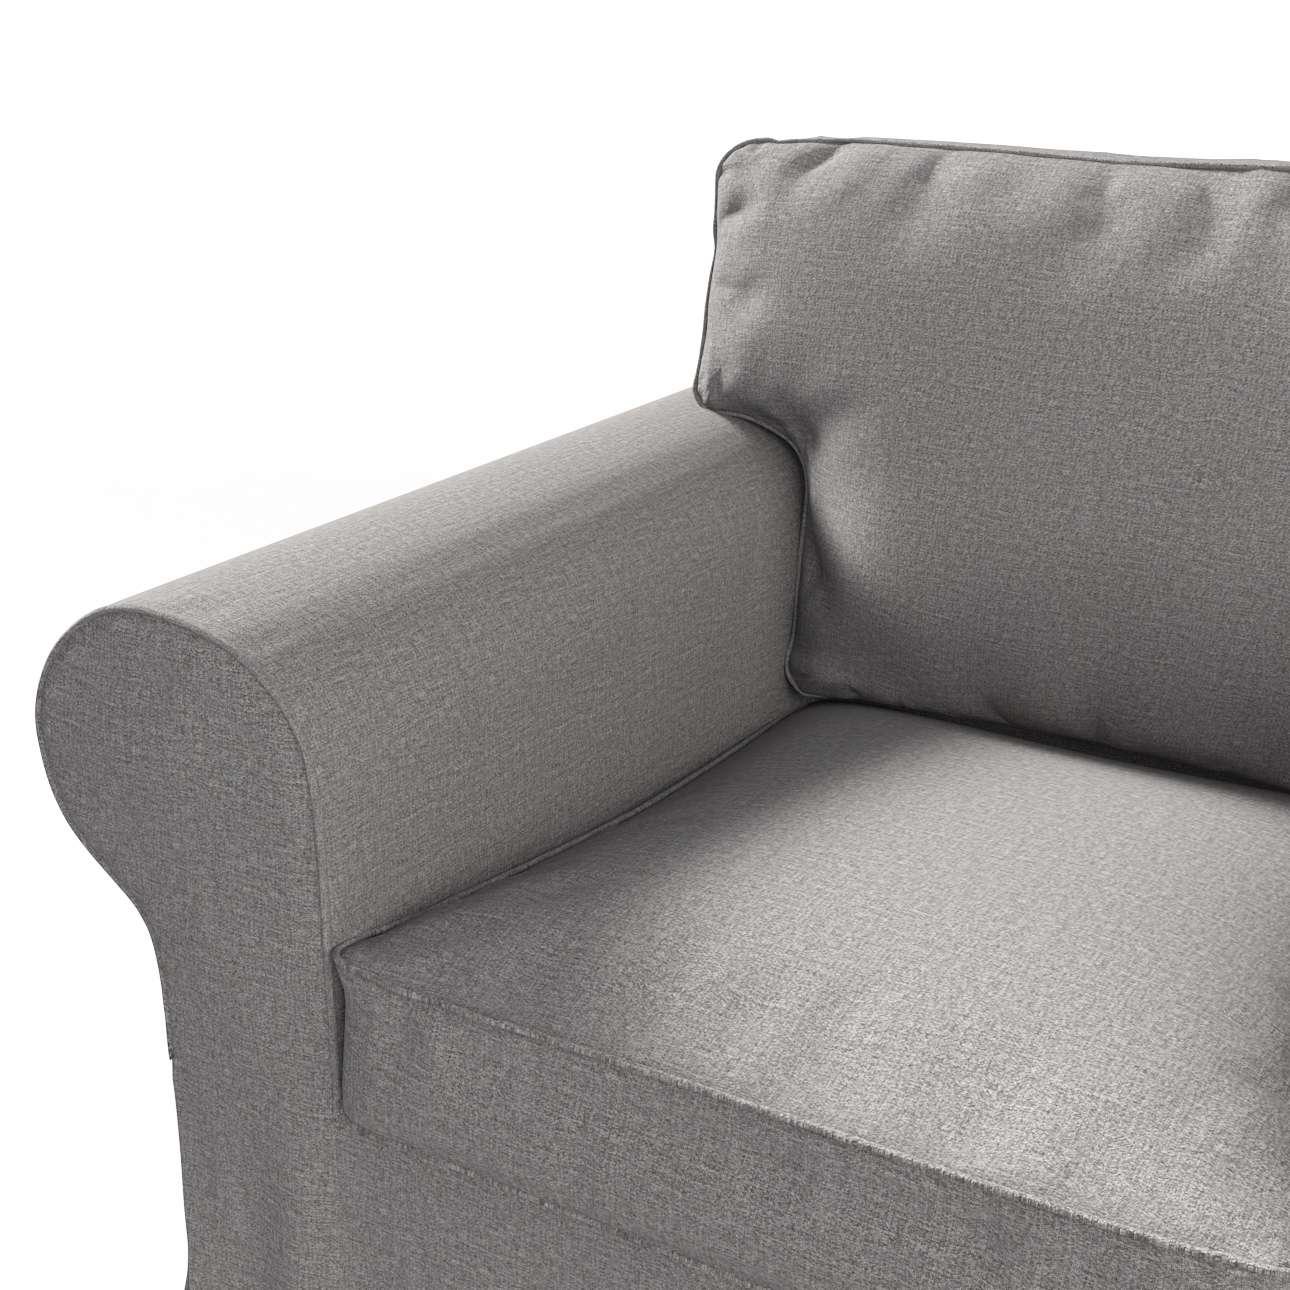 IKEA hoes voor Ektorp fauteuil van de collectie Edinburgh, Stof: 115-81